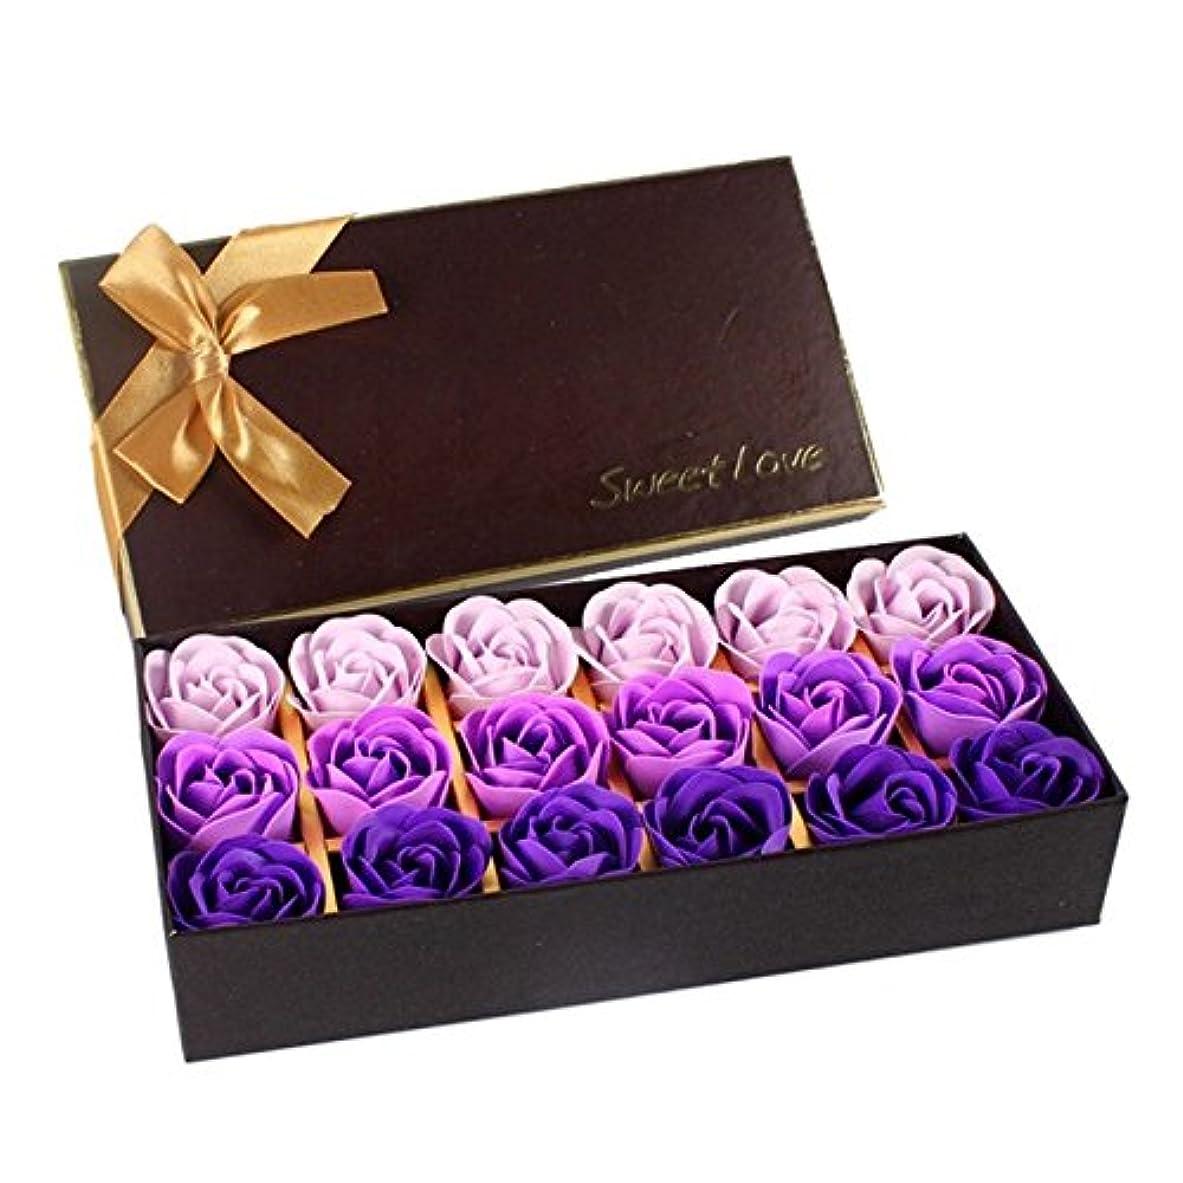 選択するクラックポット突然のローズ フラワーソープ 石鹸 薔薇 プレゼント お祝い ② #334